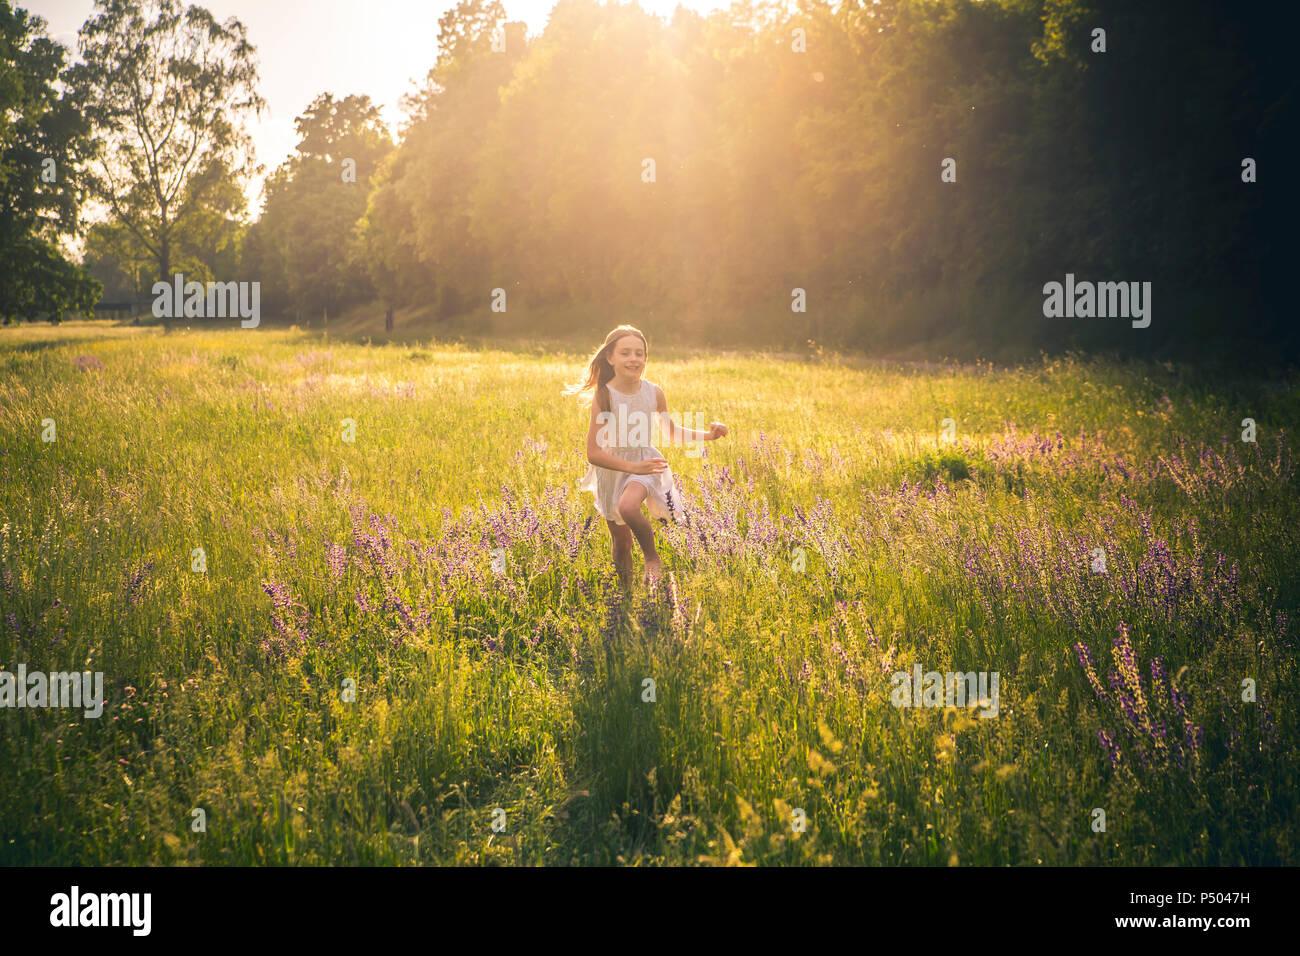 Lächelnde Mädchen läuft auf Blumenwiese am Abend dämmerung Stockbild